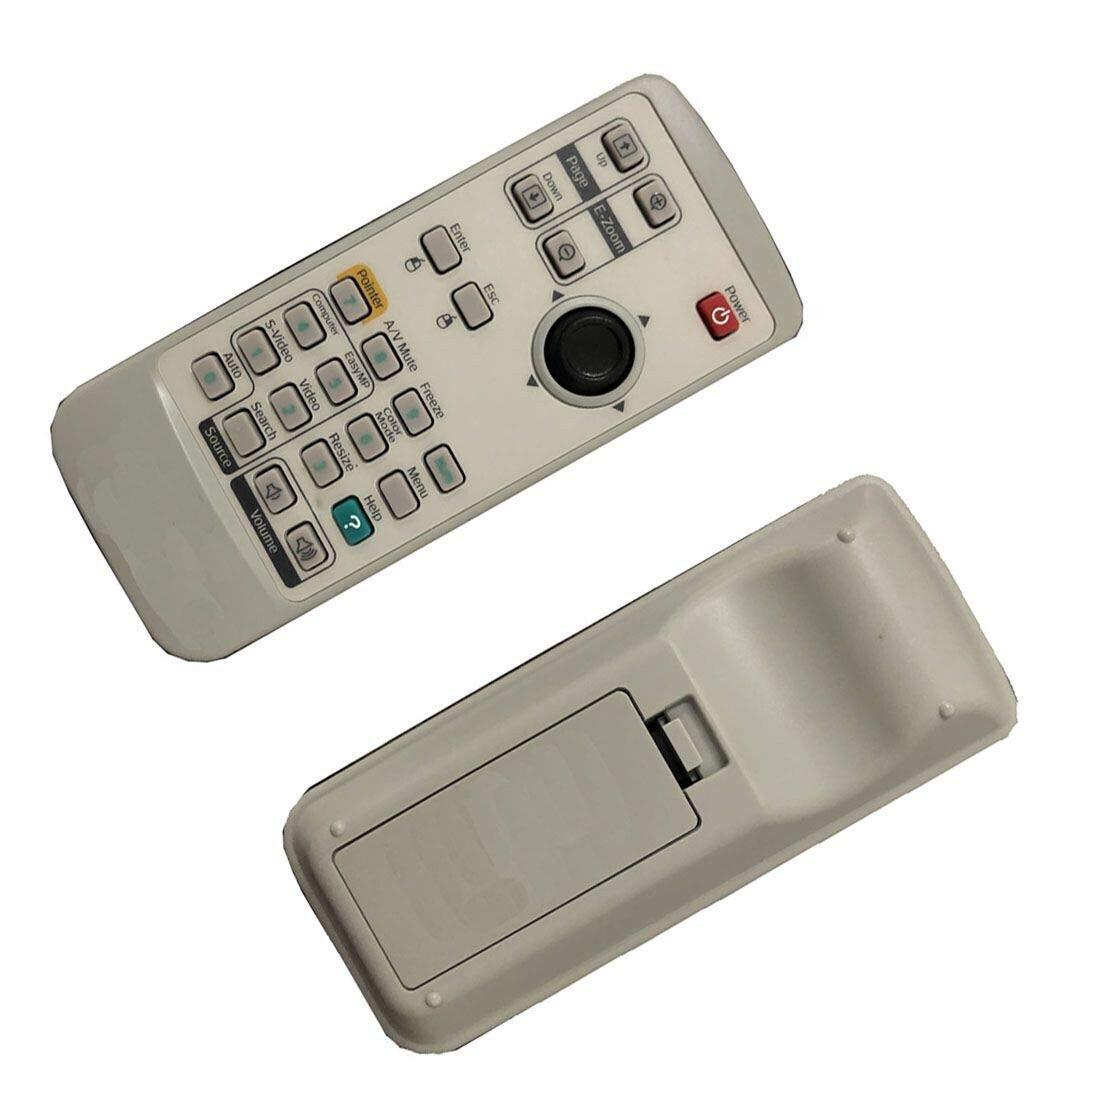 Epson Remote Control for EB-1720, EB-1723, EB-1725, EB-1735W, EB-1730W